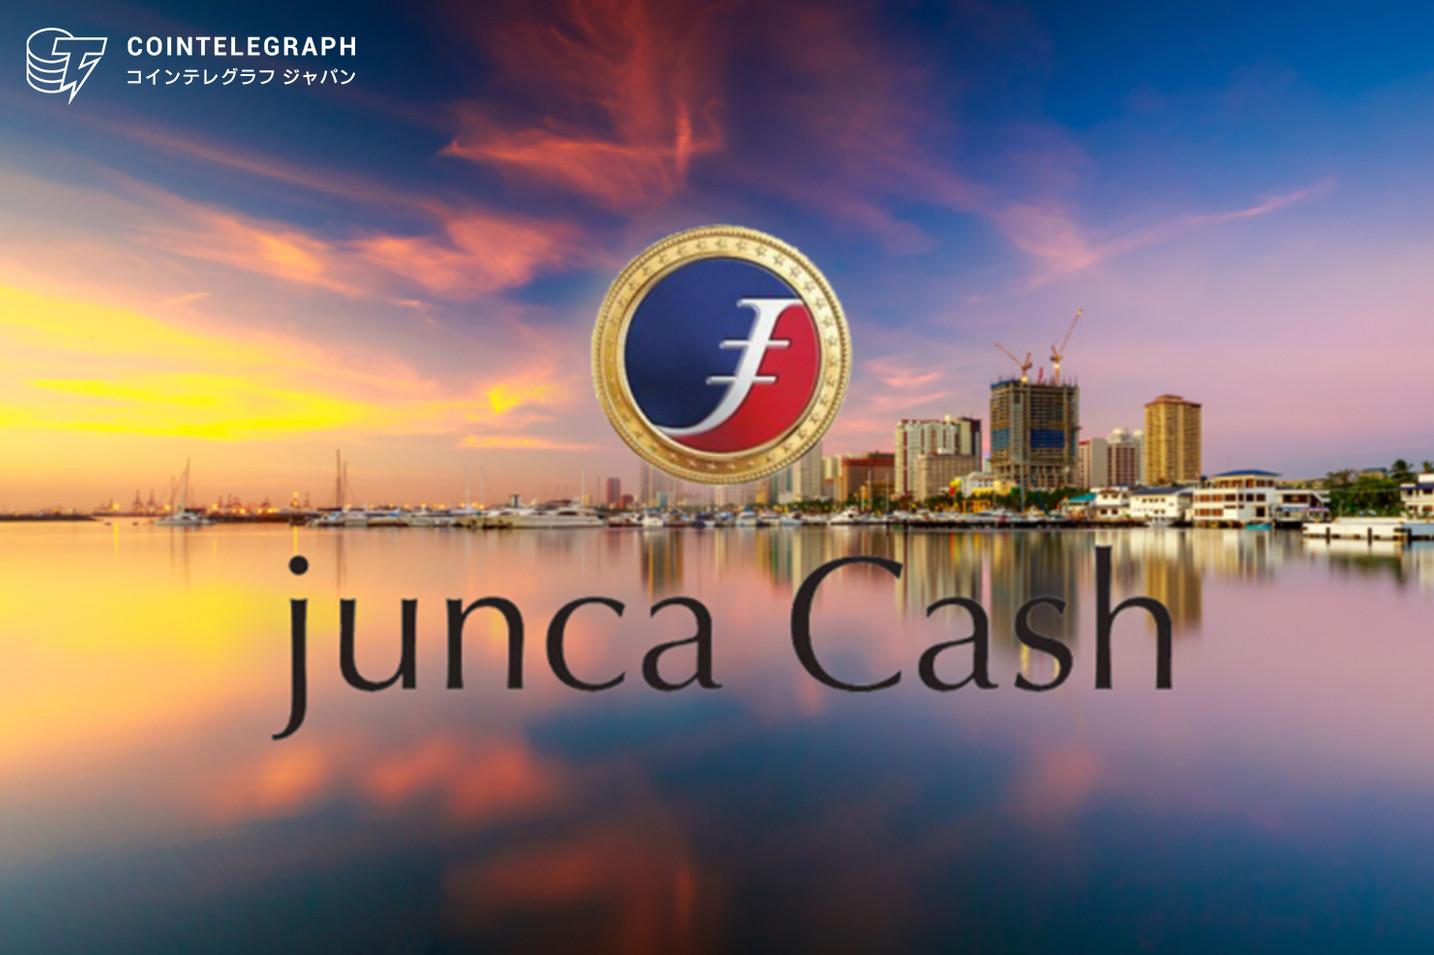 フィリピンの金融業界にフィンテック サービスを展開『junca Platform』|世界の送金問題に改革を